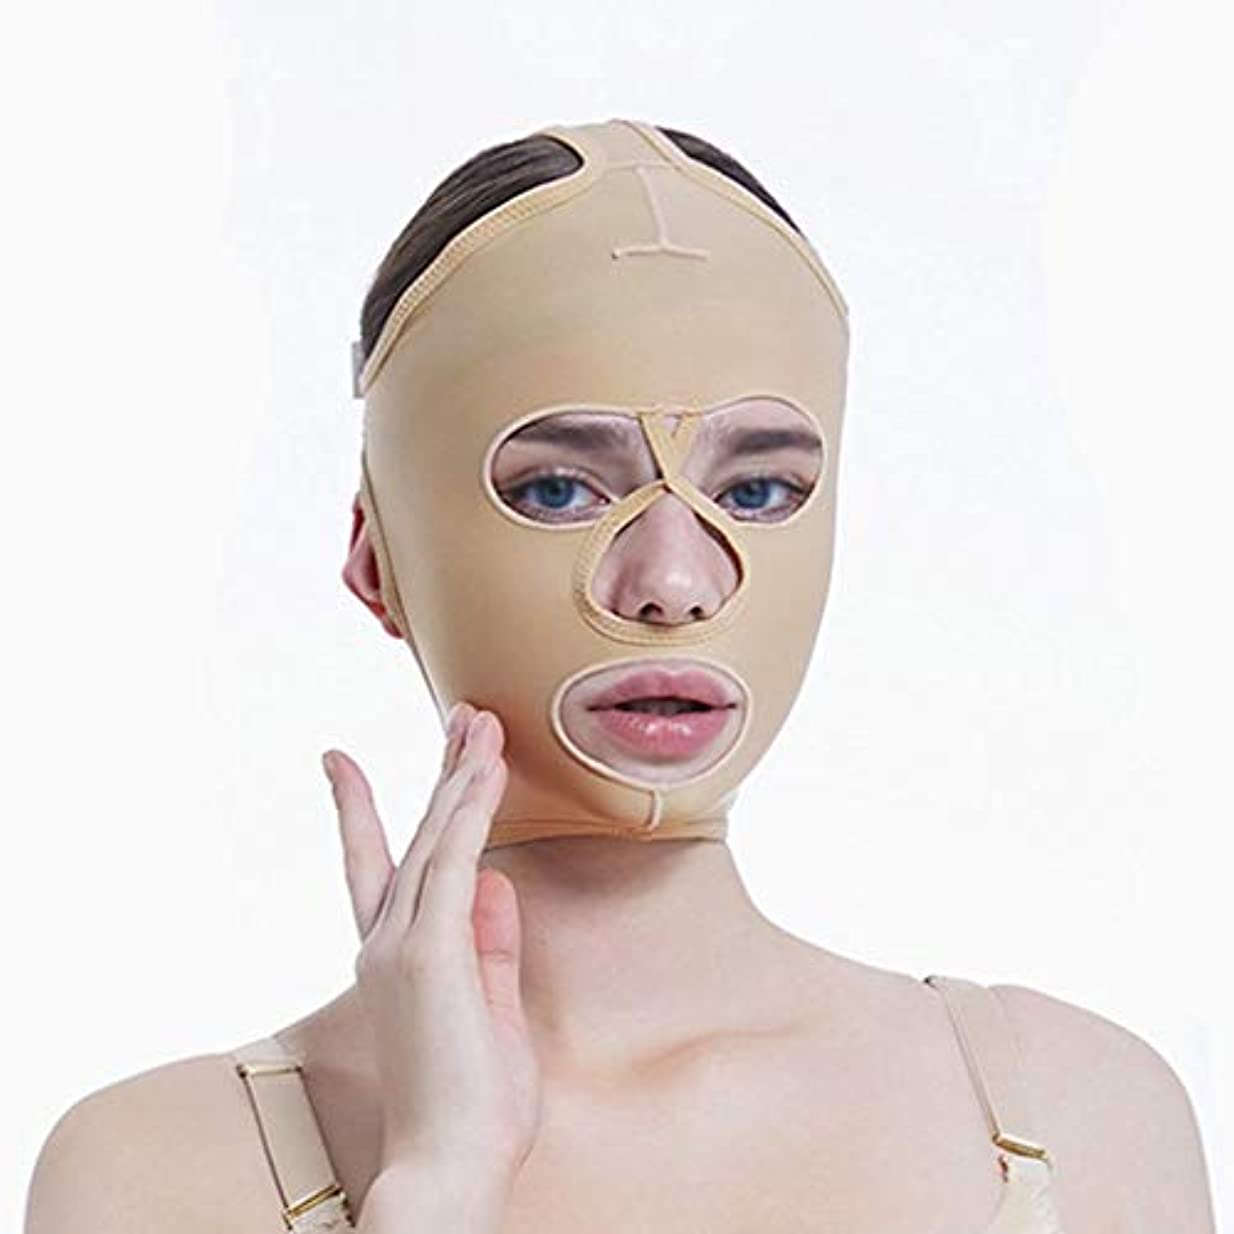 群集マトロンホイールチンリフティングベルト、超薄型ベルト、引き締めマスク、包帯吊り、フェイスリフティングマスク、超薄型ベルト、通気性(サイズ:L),M